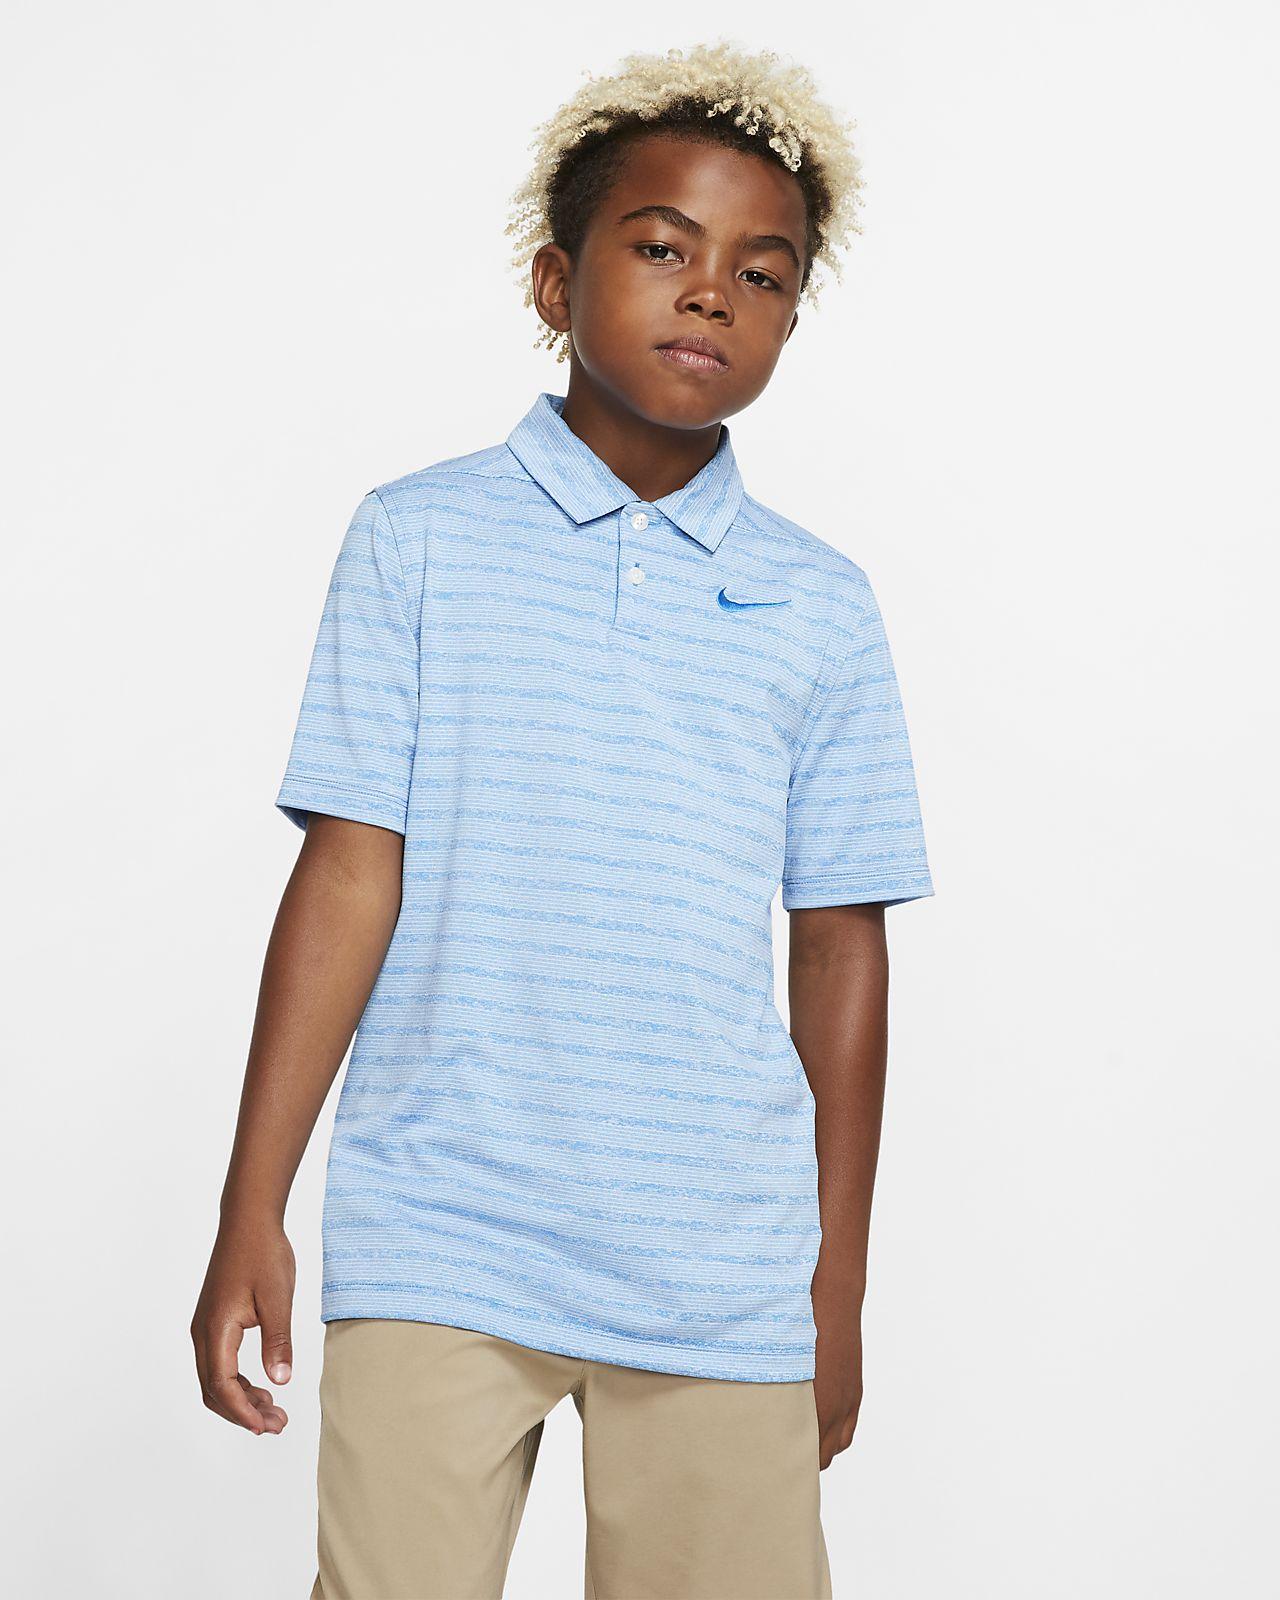 Αγορίστικη ριγέ μπλούζα πόλο για γκολφ Nike Dri-FIT